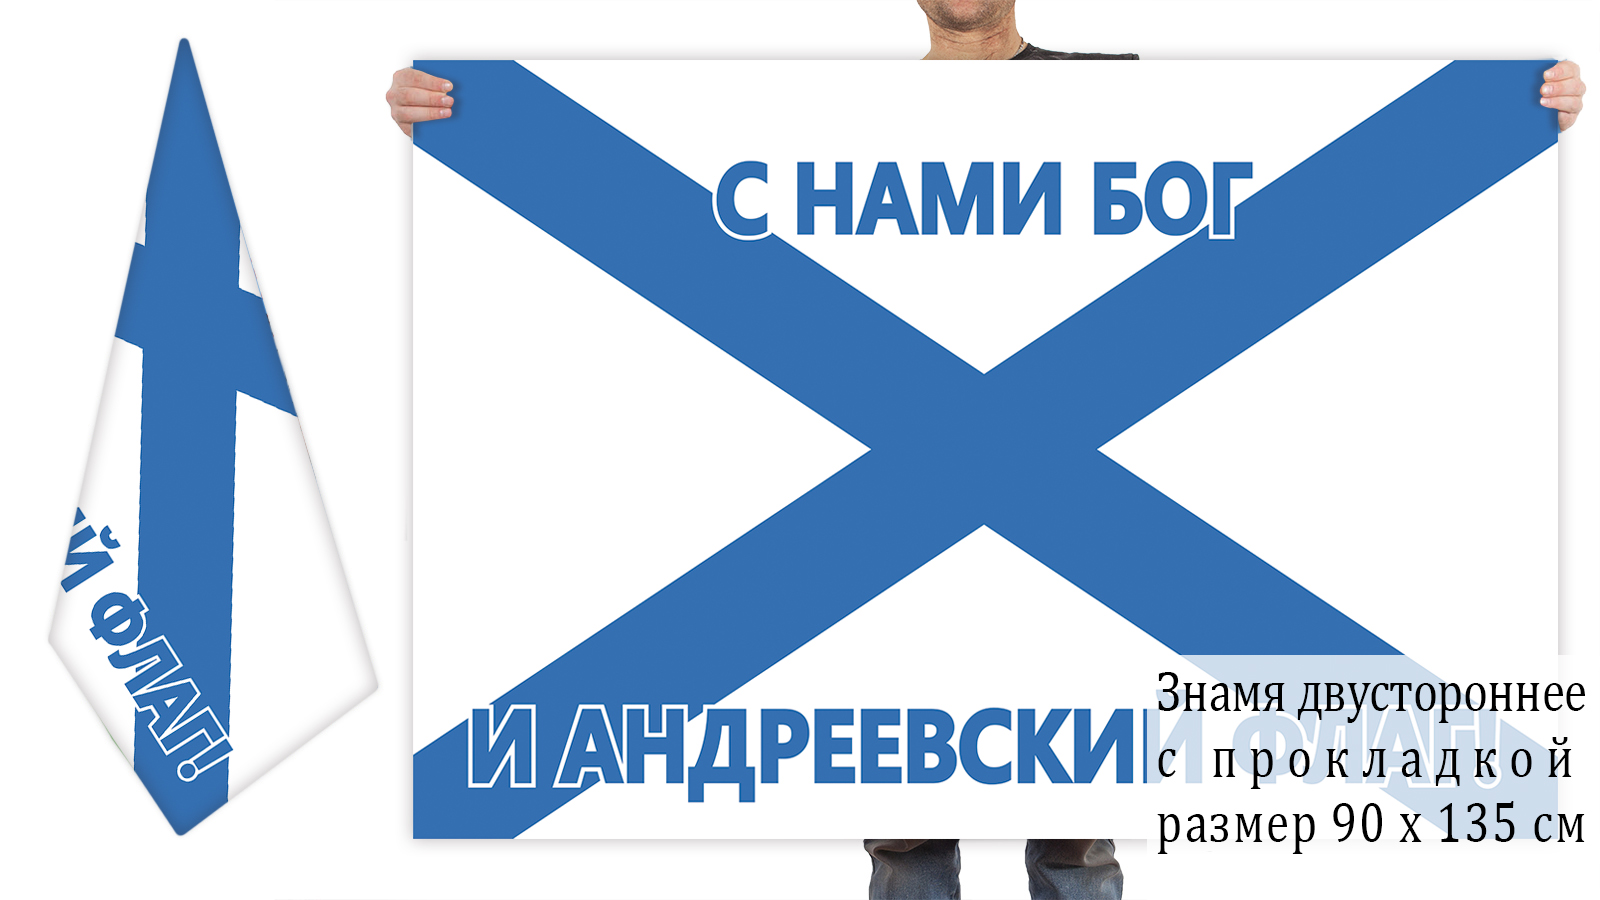 Двусторонний флаг с девизом ВМФ